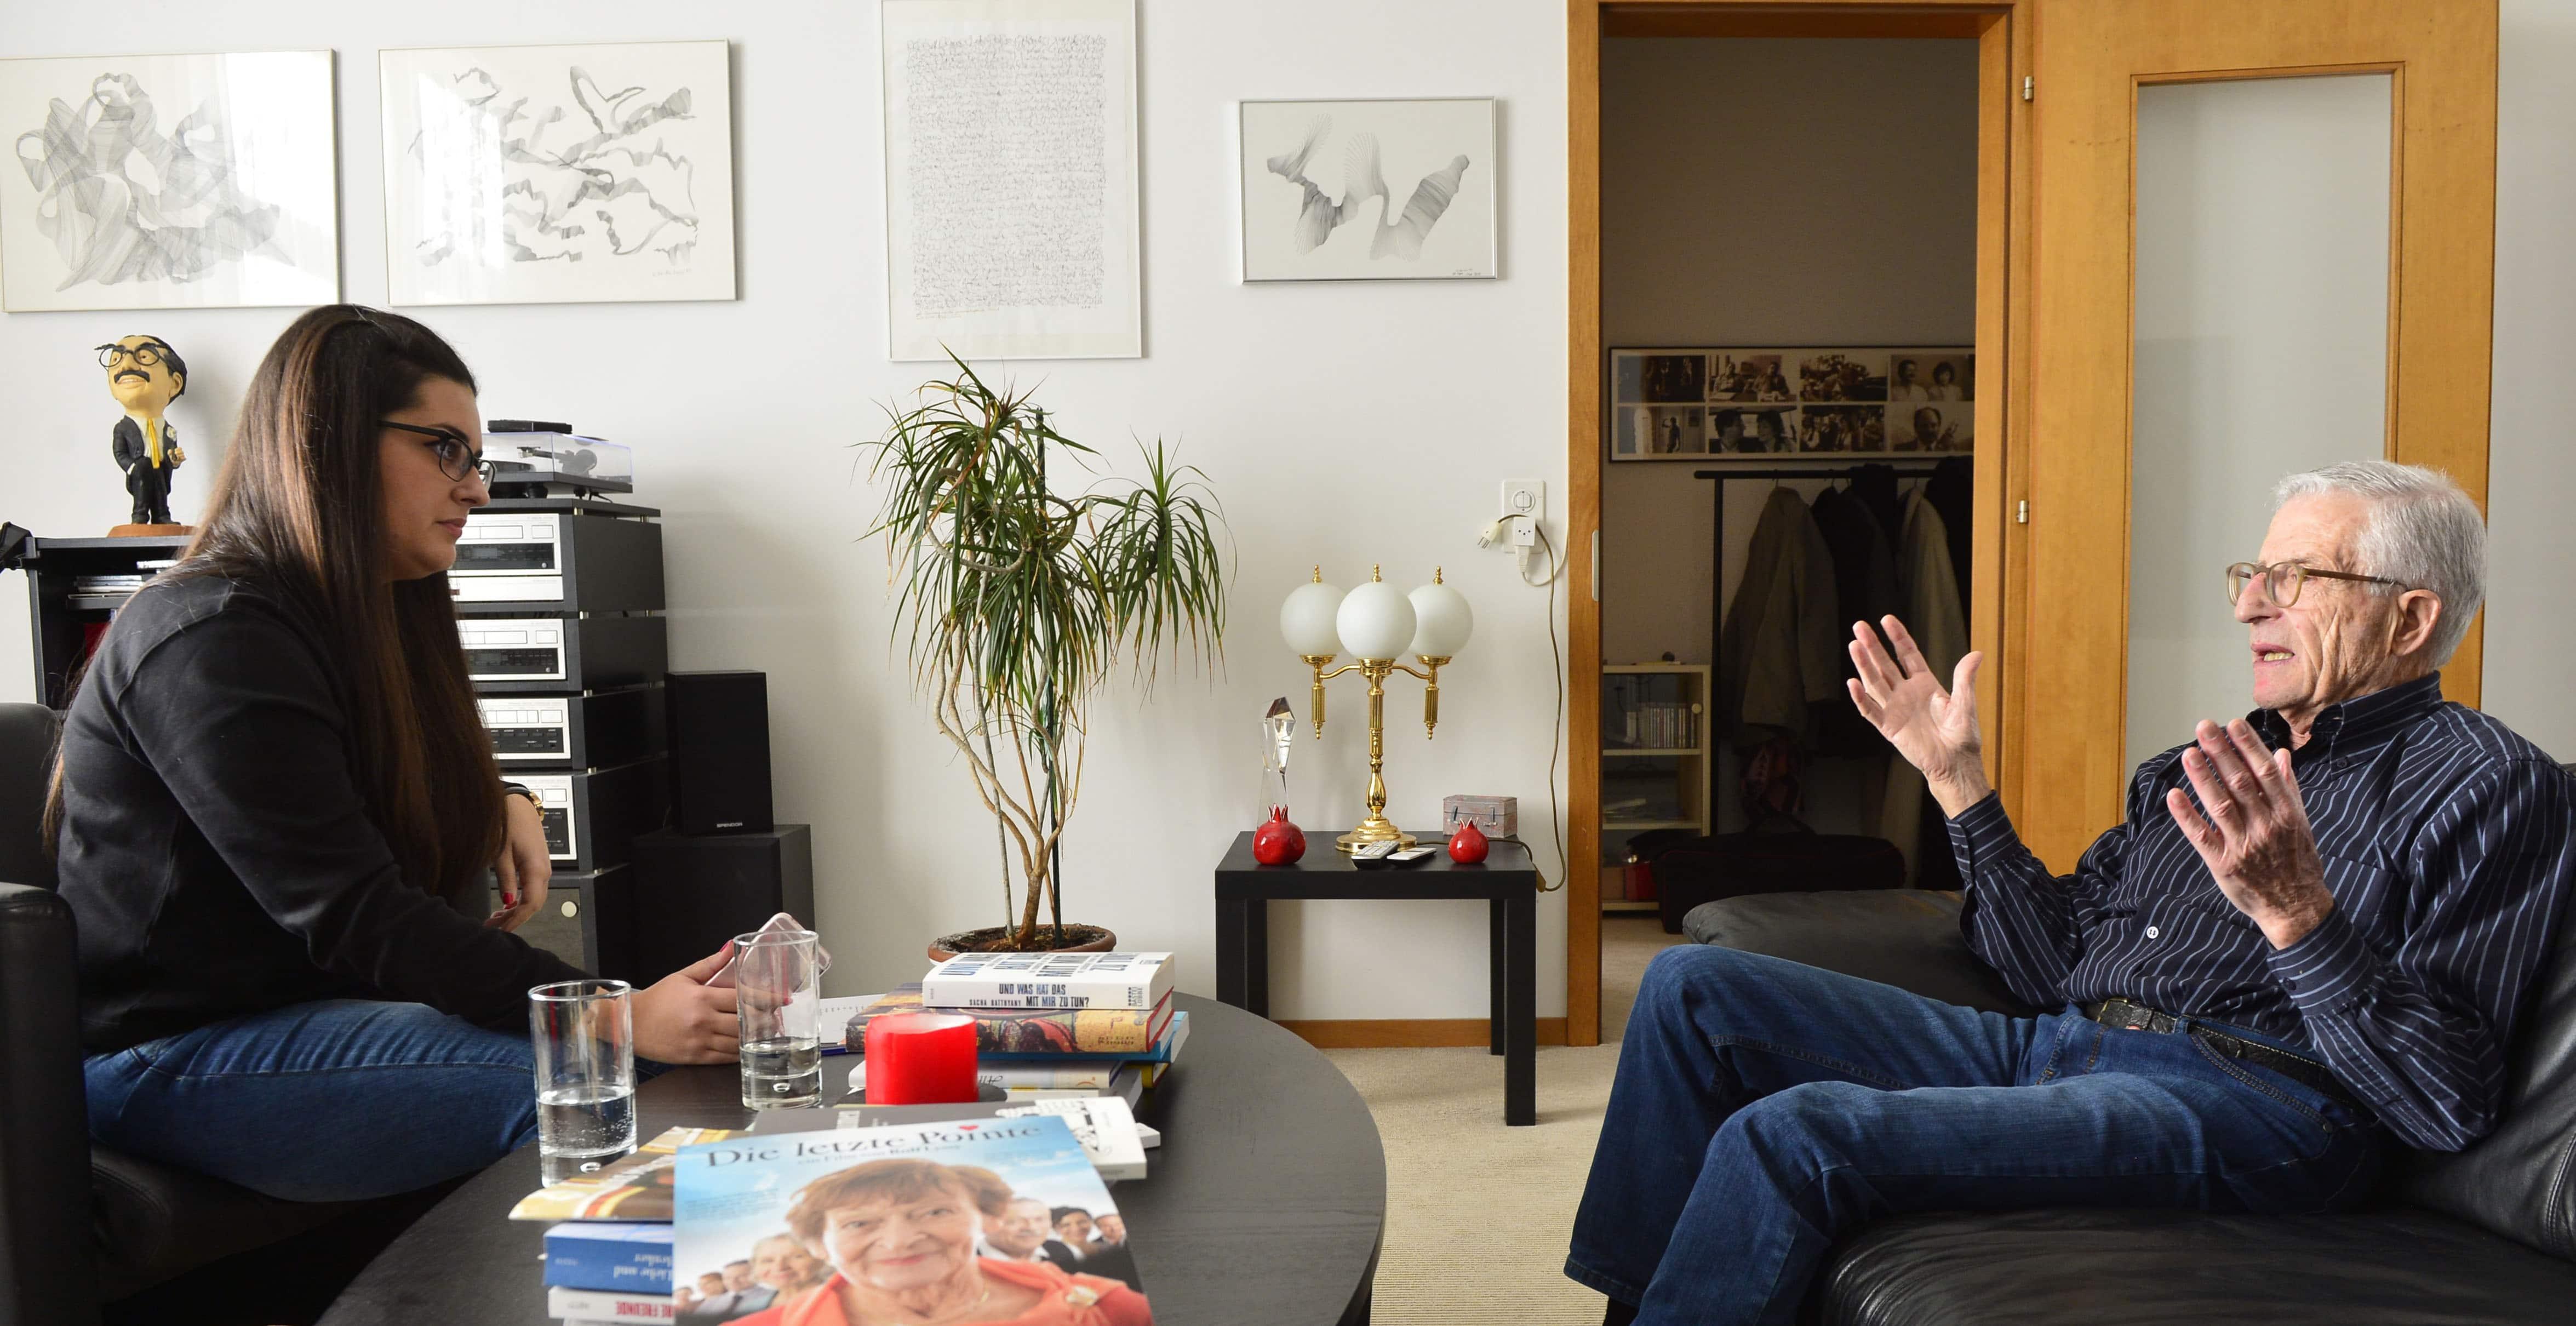 DeinAdieu-Mitarbeiterin Nuria Peón und Filmregisseur Rolf Lyssy